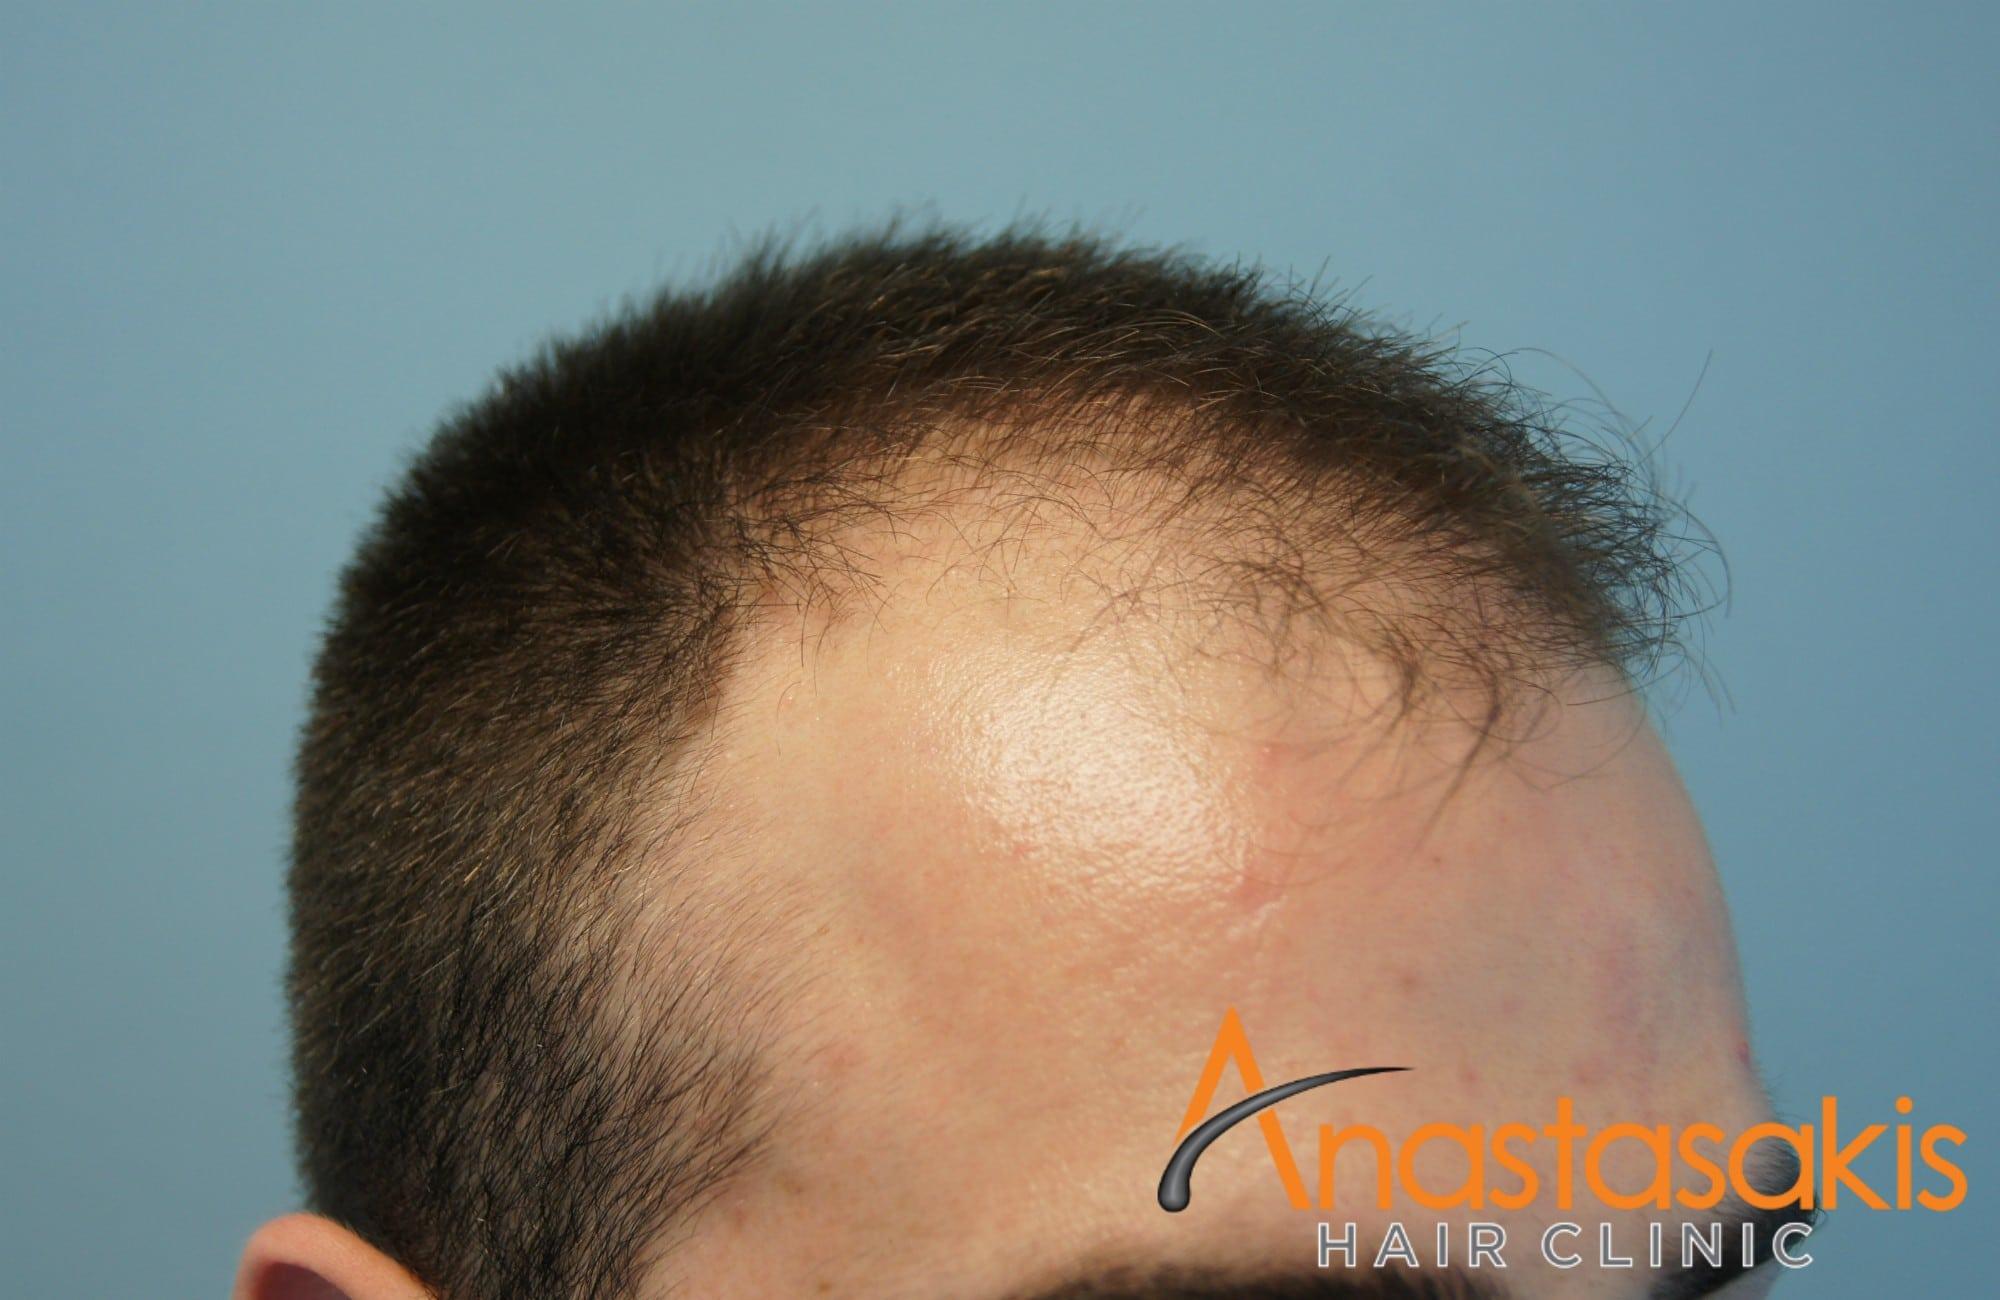 δεξι προφιλ ασθενούς πριν τη μεταμοσχευση μαλλιων με 1500 fus 2